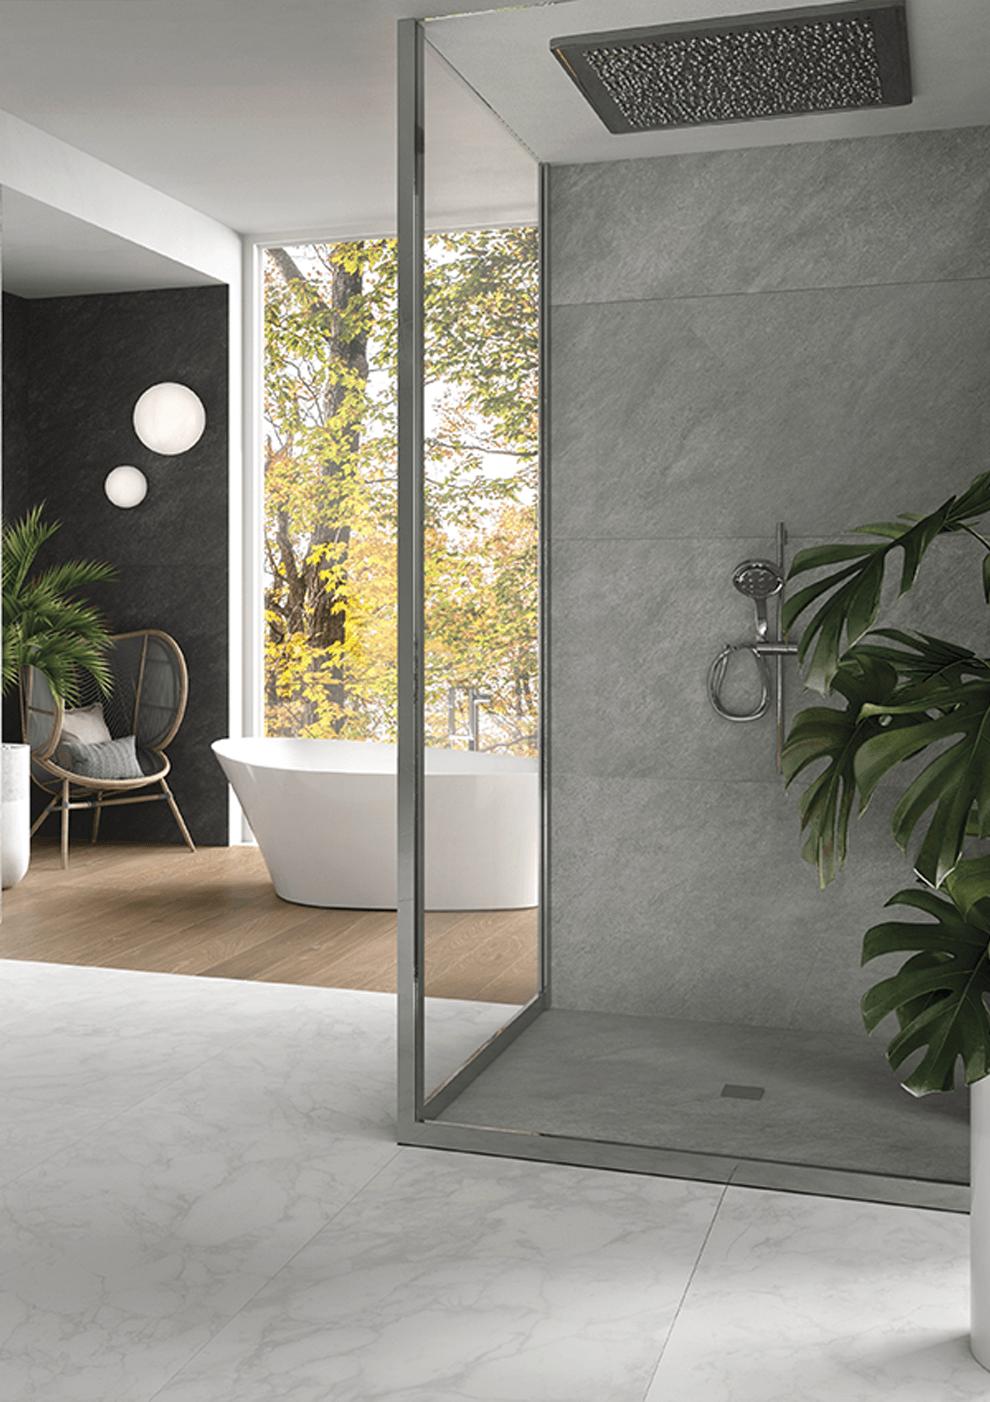 azulejos, saludables, baños, baño, duchas, regadera, Biofilia